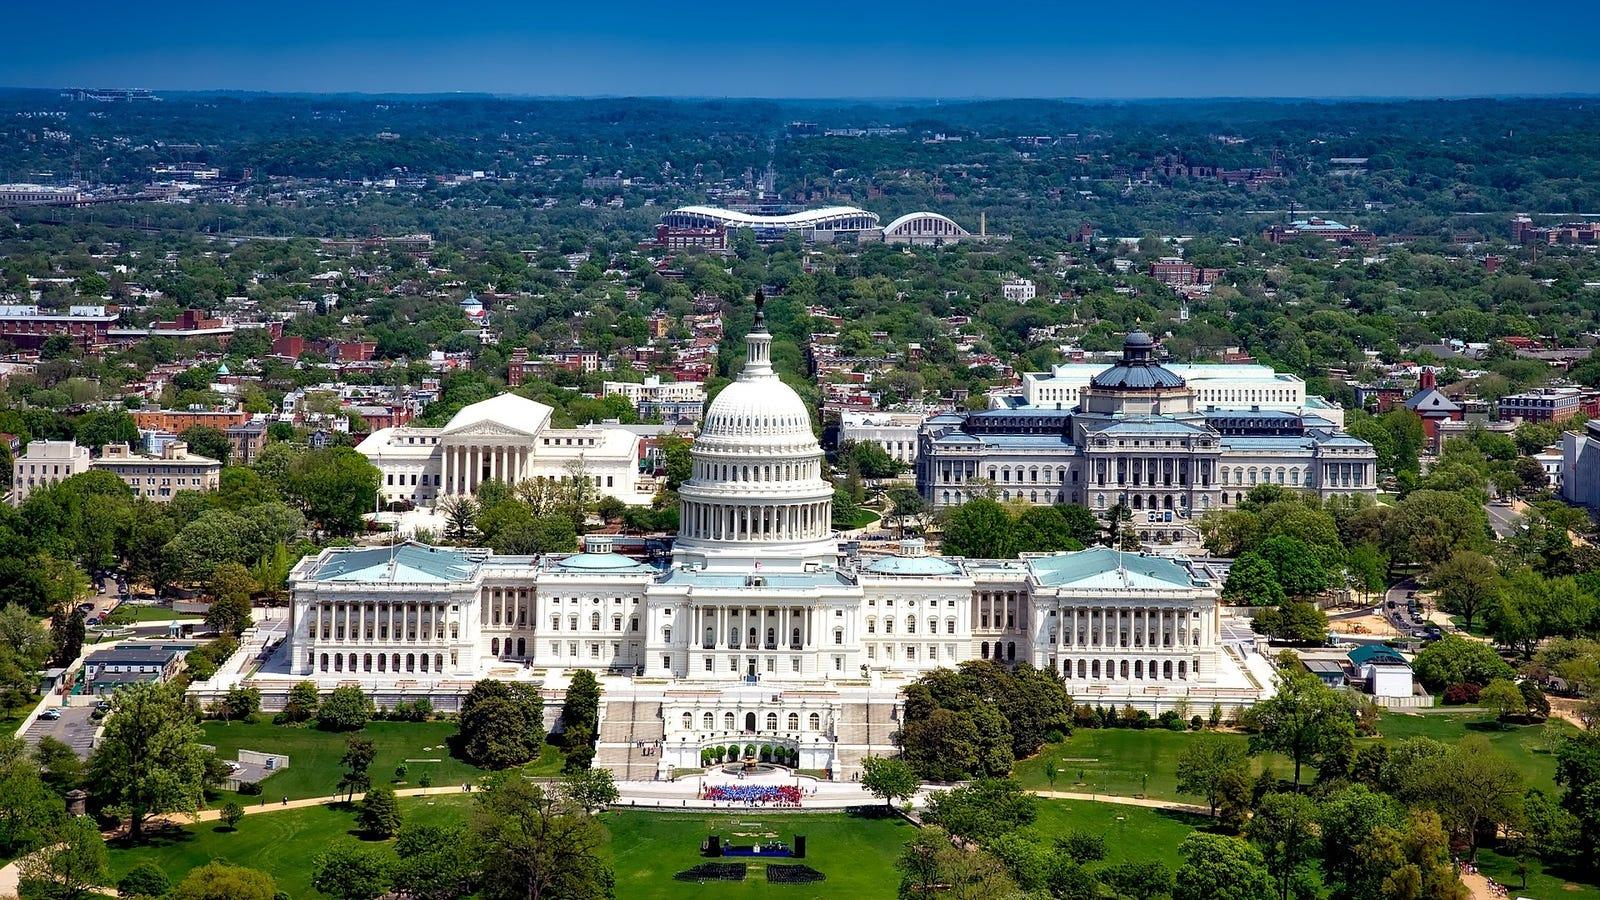 Washington,DC - Magazine cover